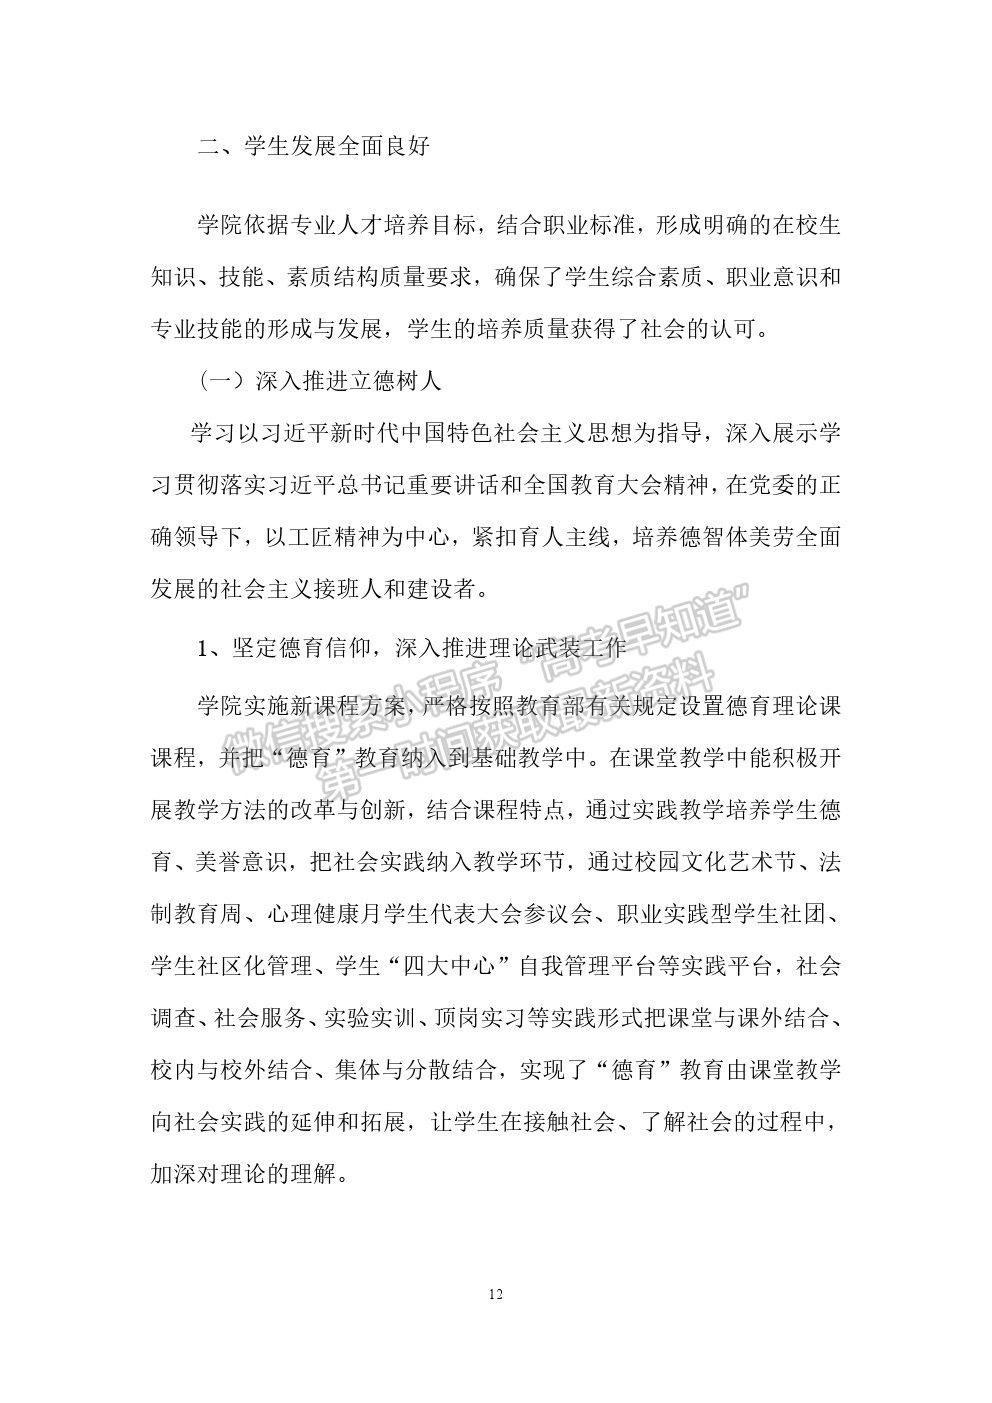 广州工程技术职业学院2019年就业质量报告